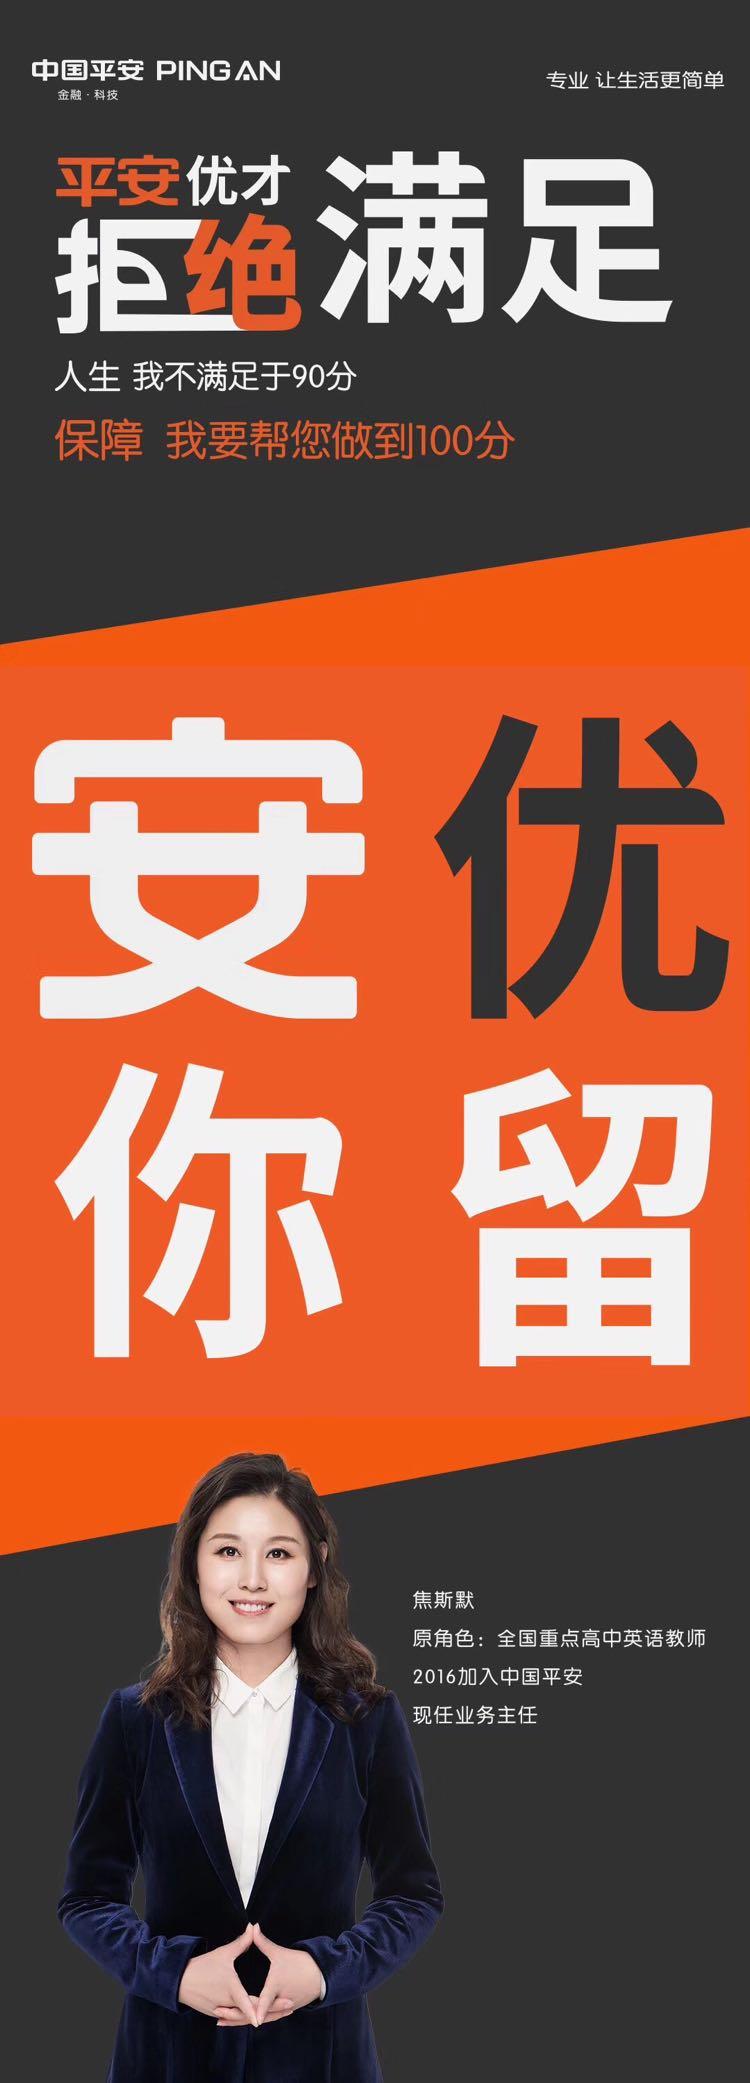 {中国平安人寿保险股份有限公司 } 公司照片